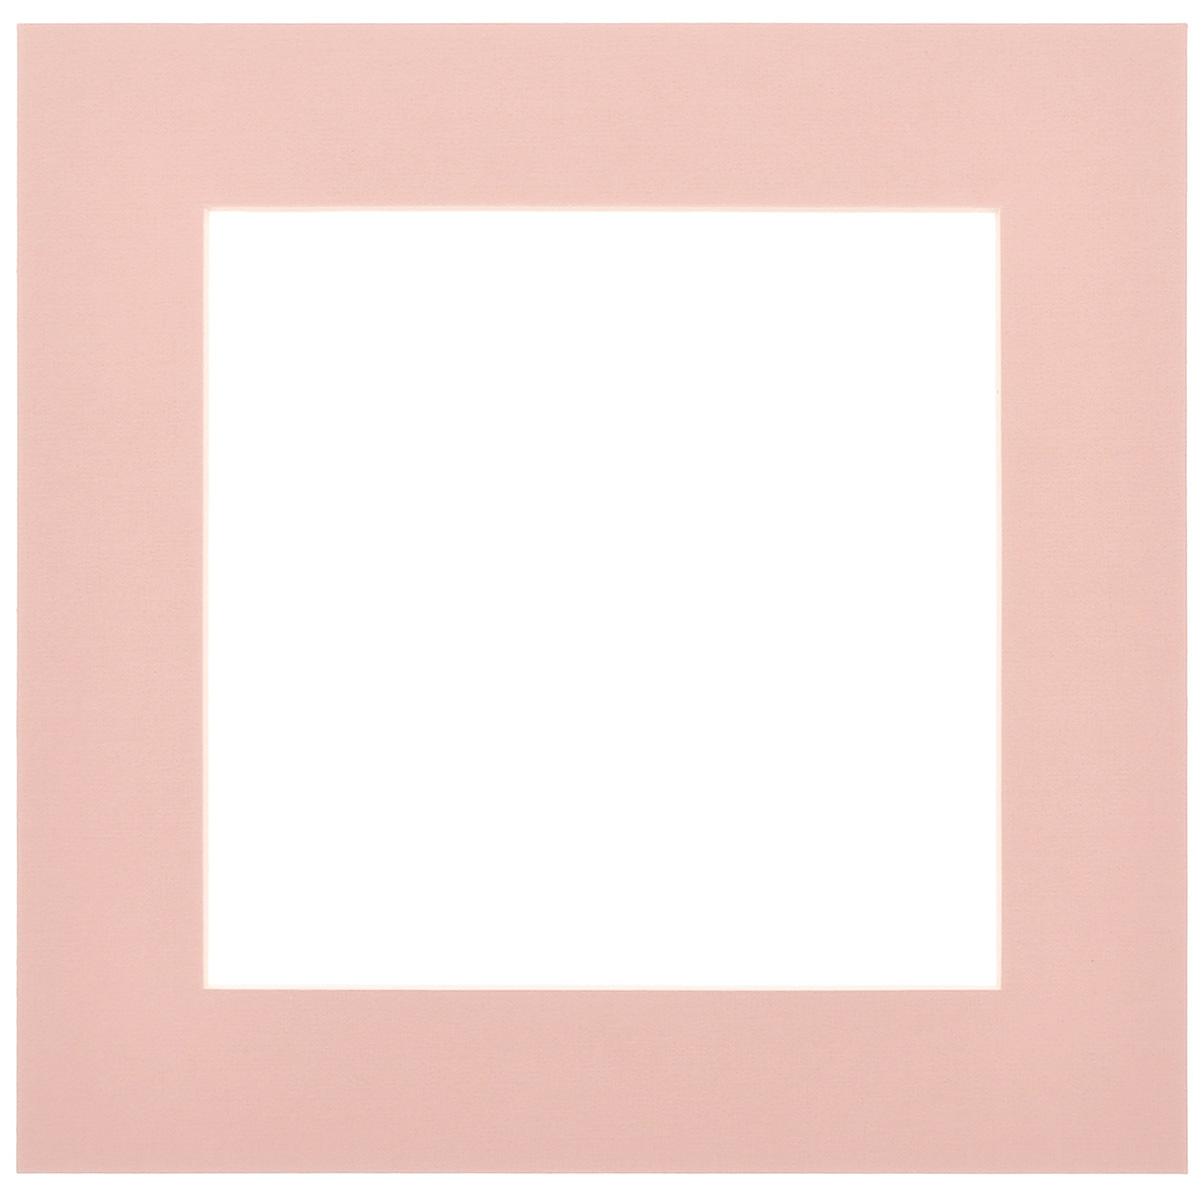 Паспарту Василиса, цвет: кремовый, 17 х 17 см580637Паспарту Василиса, изготовленное из плотного картона, предназначено для оформления художественных работ и фотографий. Он располагается между багетной рамой и изображением, делая акцент на фотографии, усиливая ее визуальное восприятие. Кроме того, на паспарту часто располагают поясняющие подписи, автограф изображенного. Внешний размер: 25 см х 25 см. Внутренний размер: 17 см х 17 см.